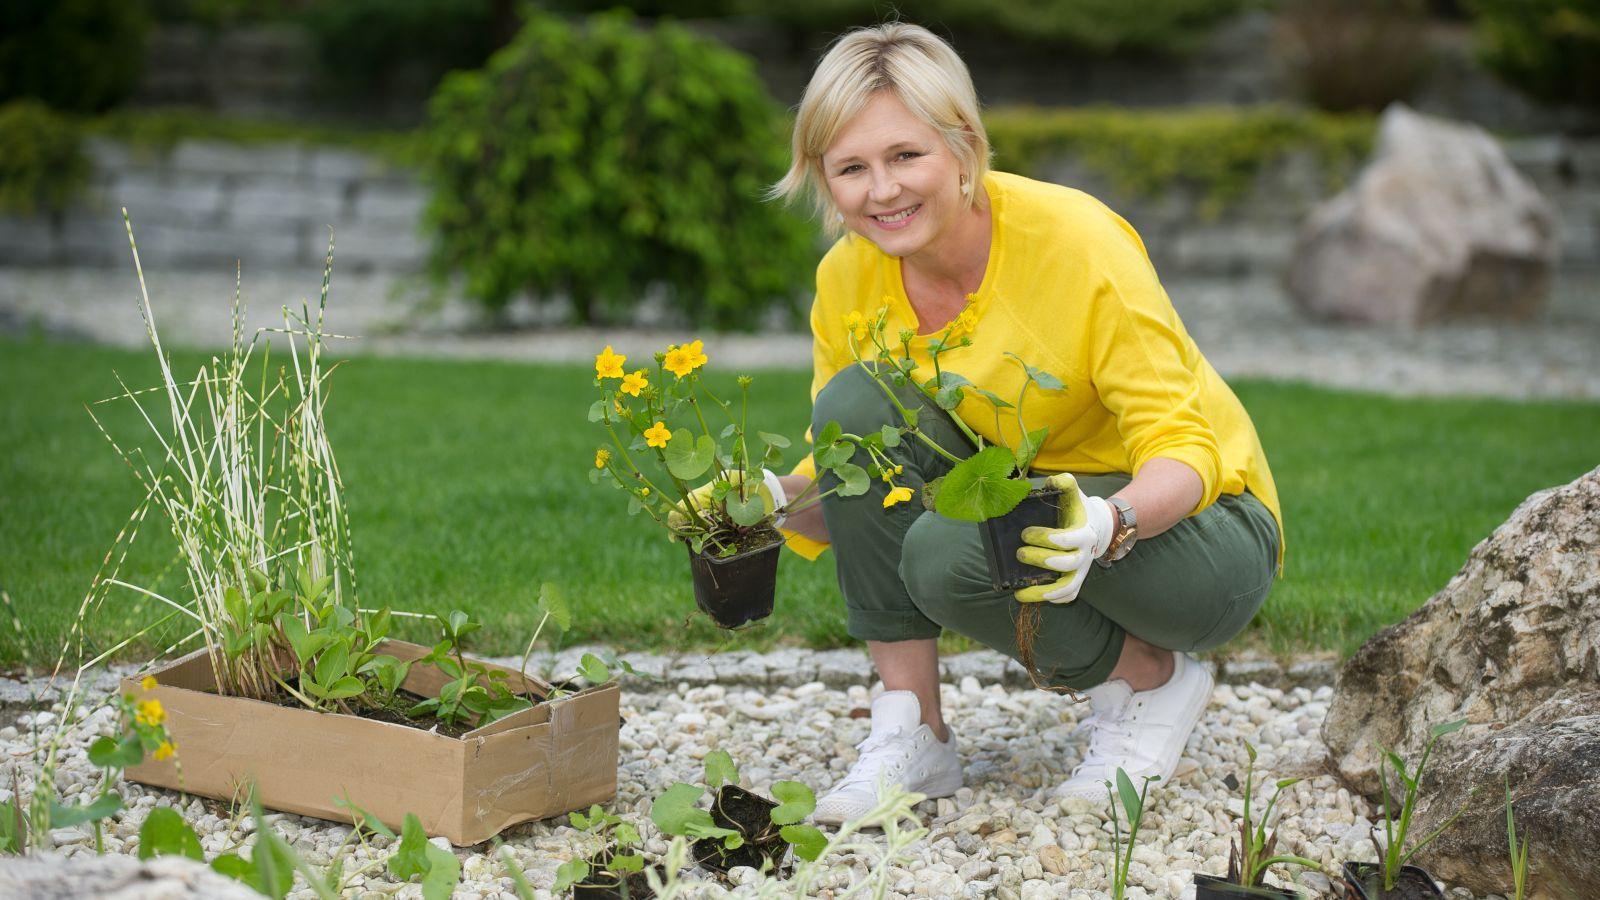 Co w tym roku pustoszy ogród Mai Popielarskiej?